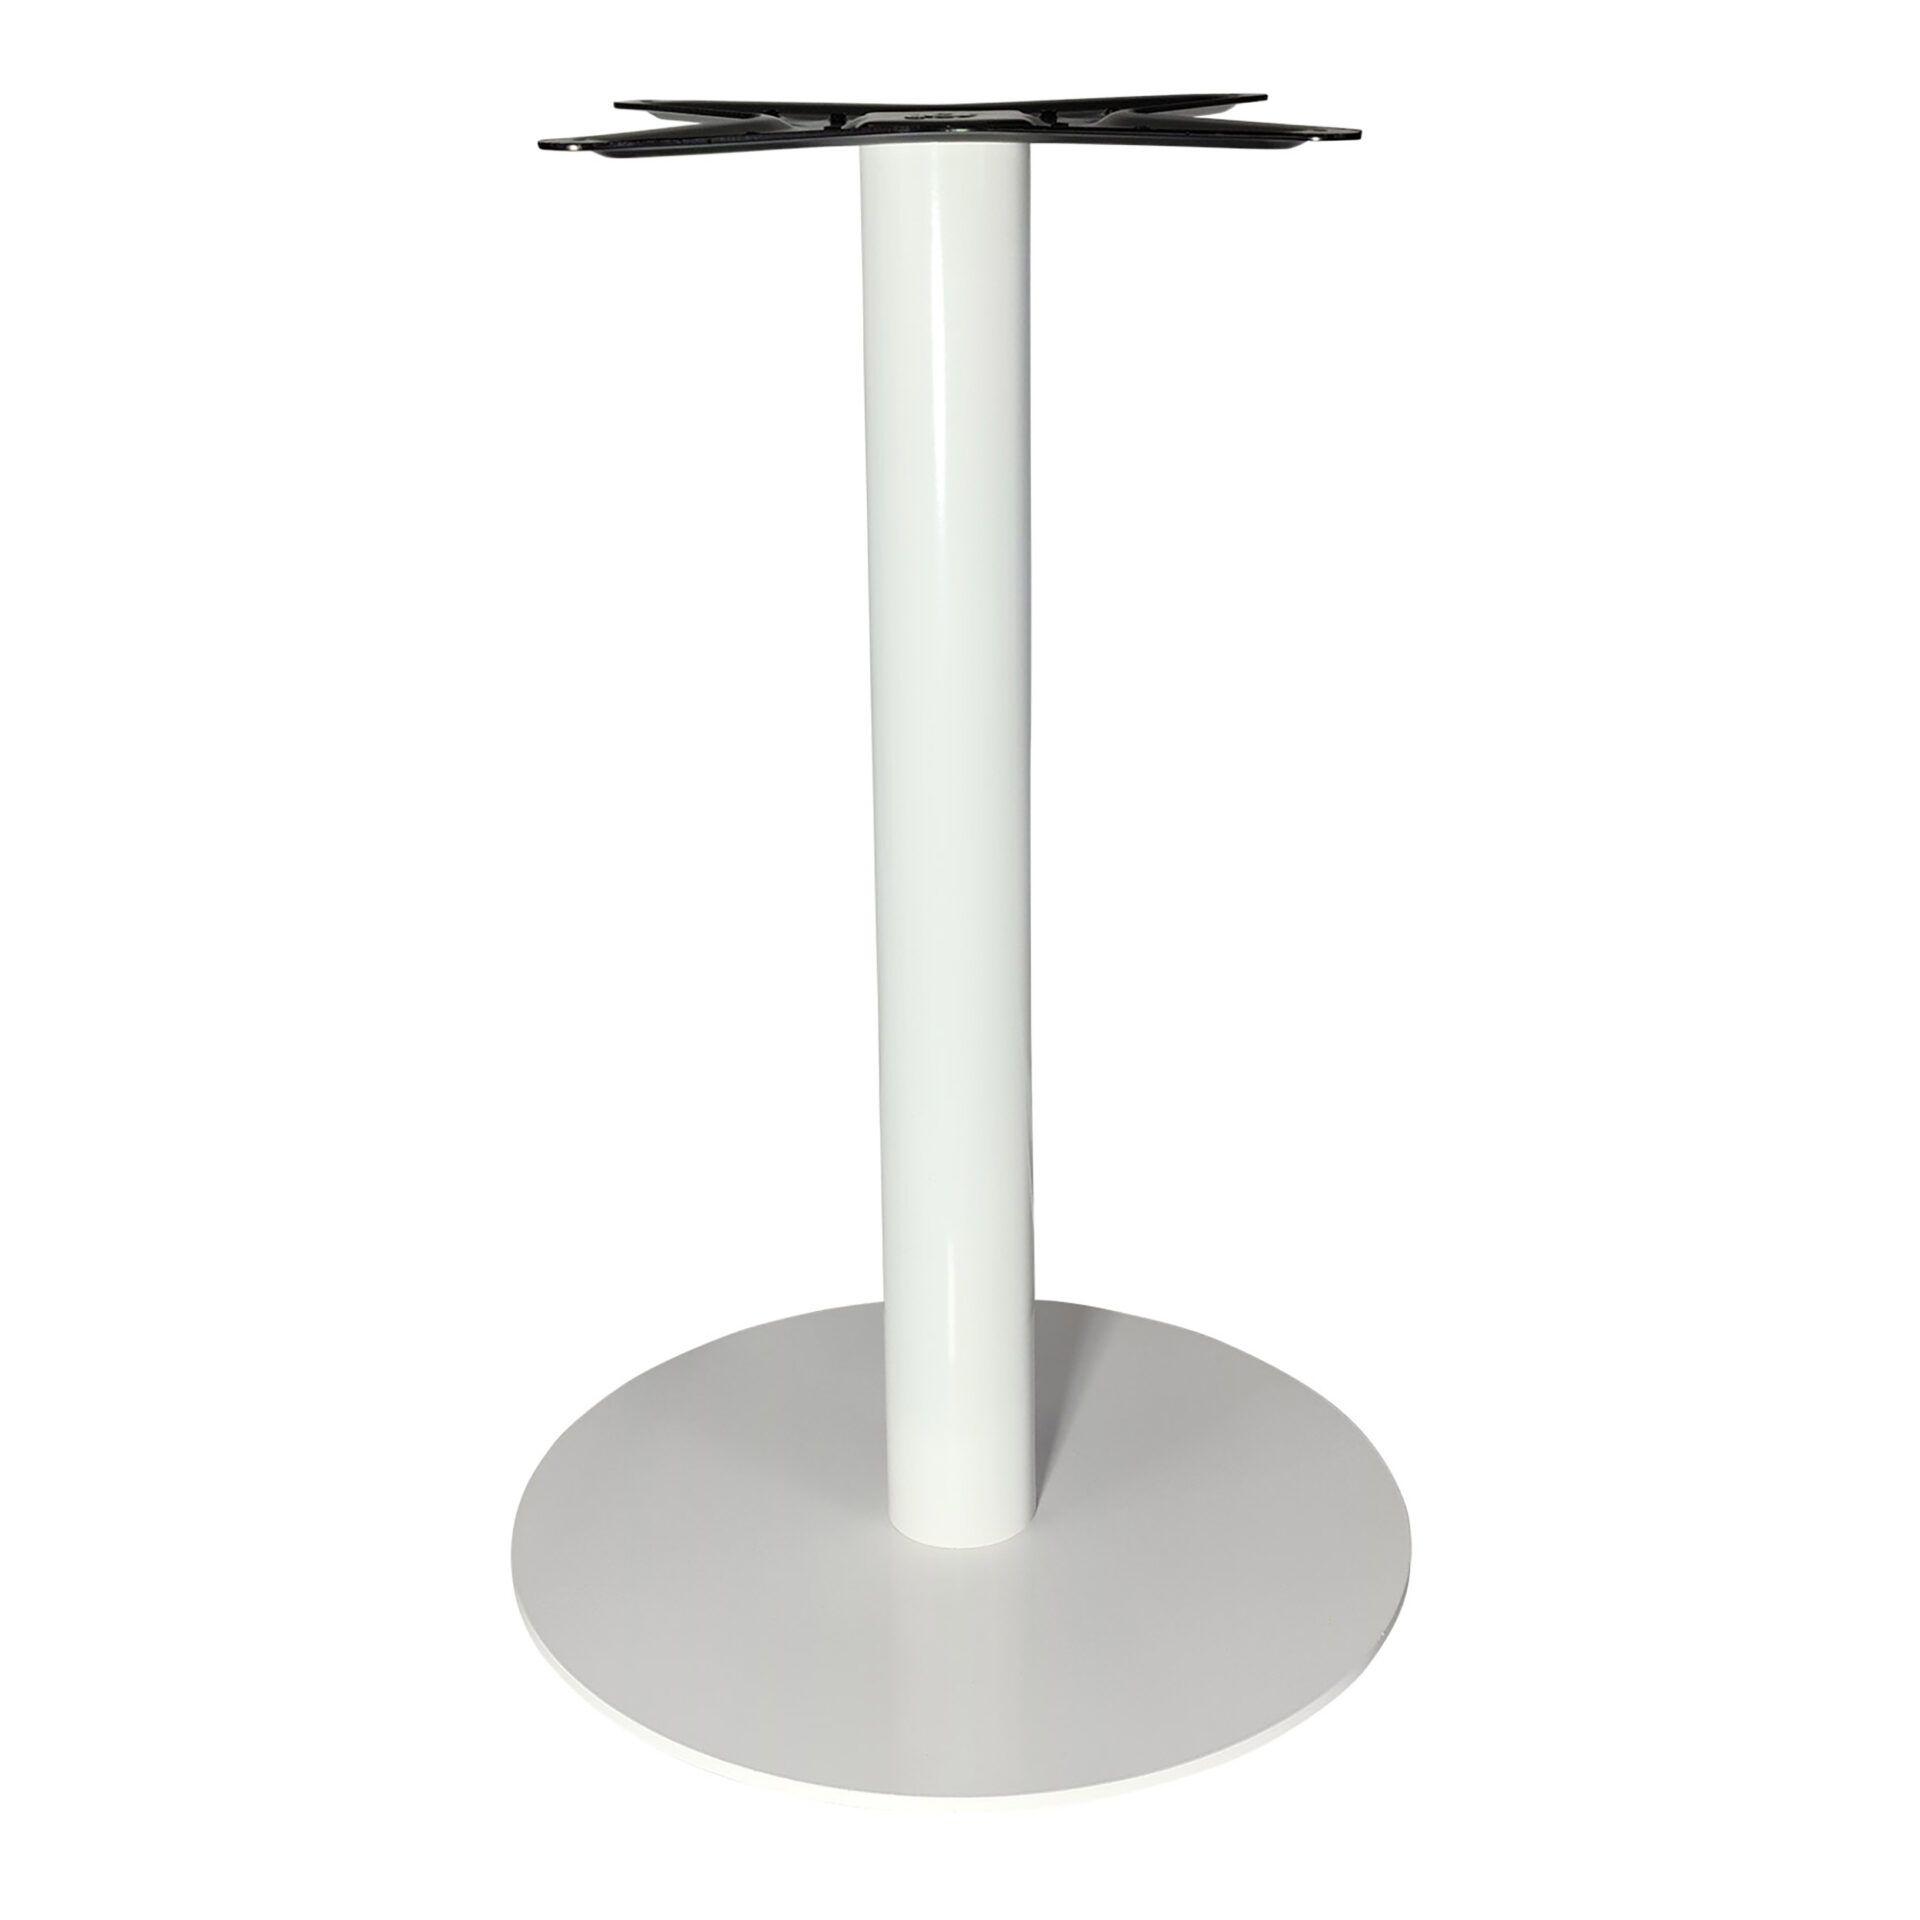 lyon table base white